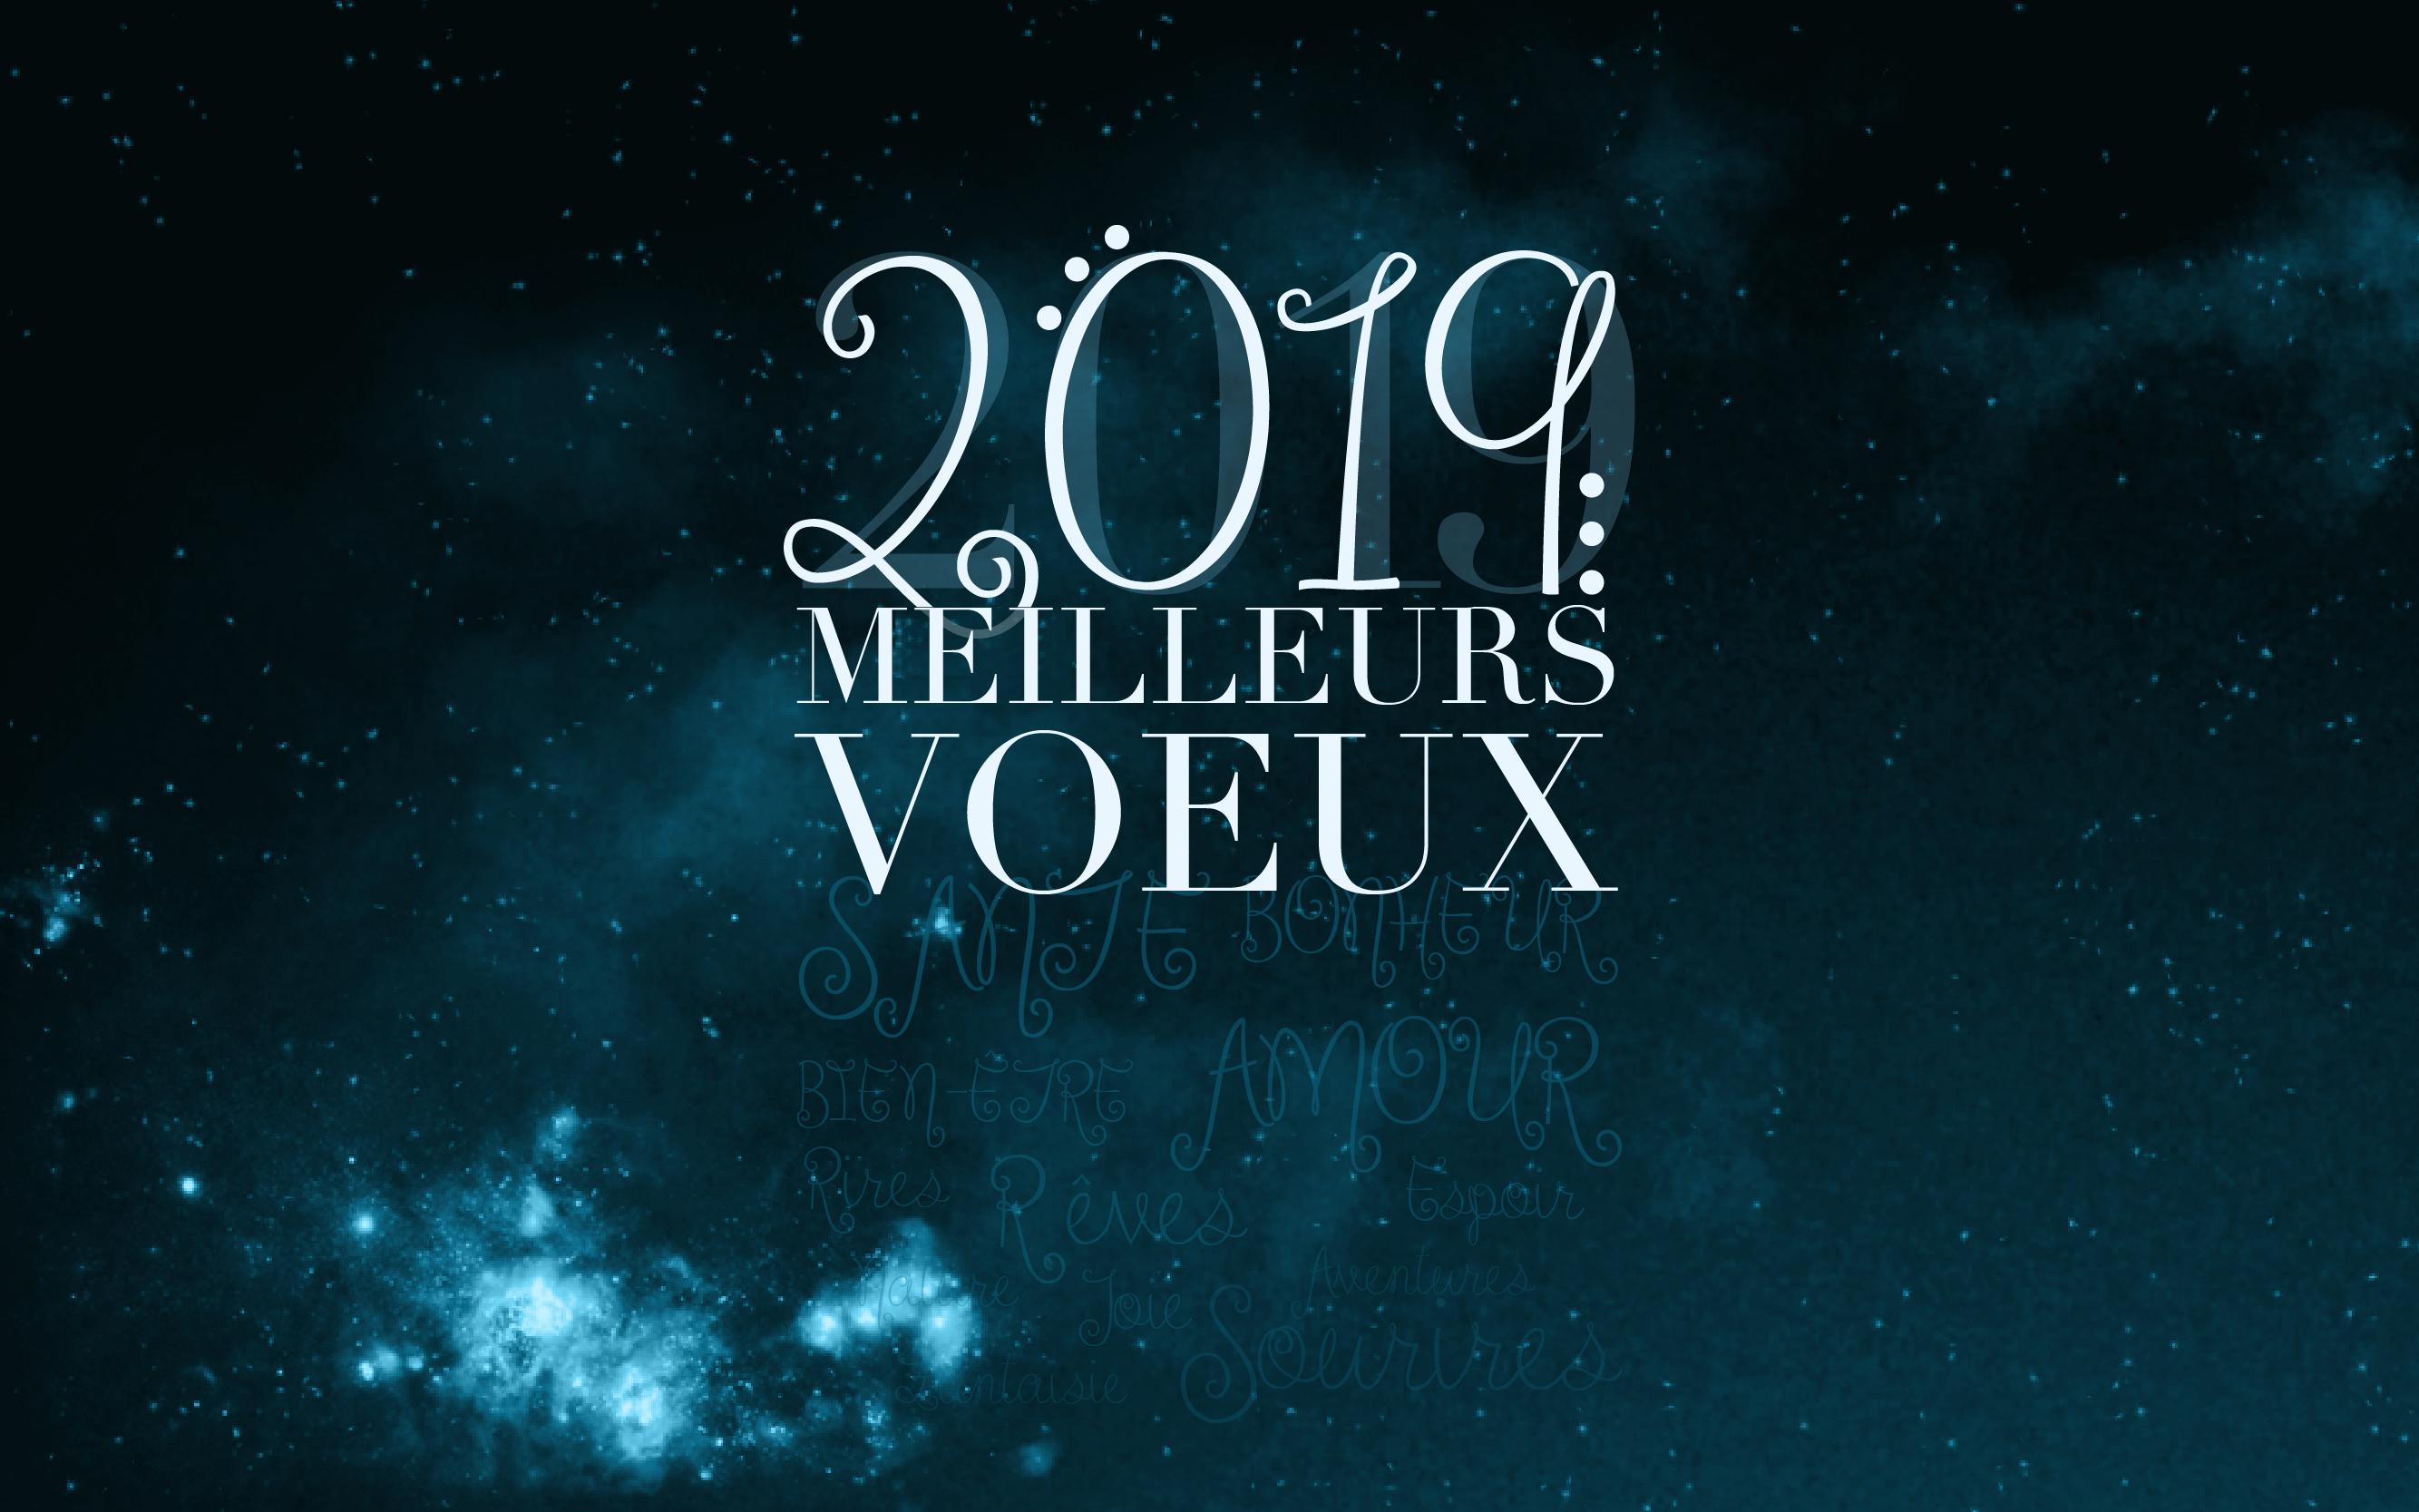 2019_MeilleursVoeux_Christelle Le Querrec